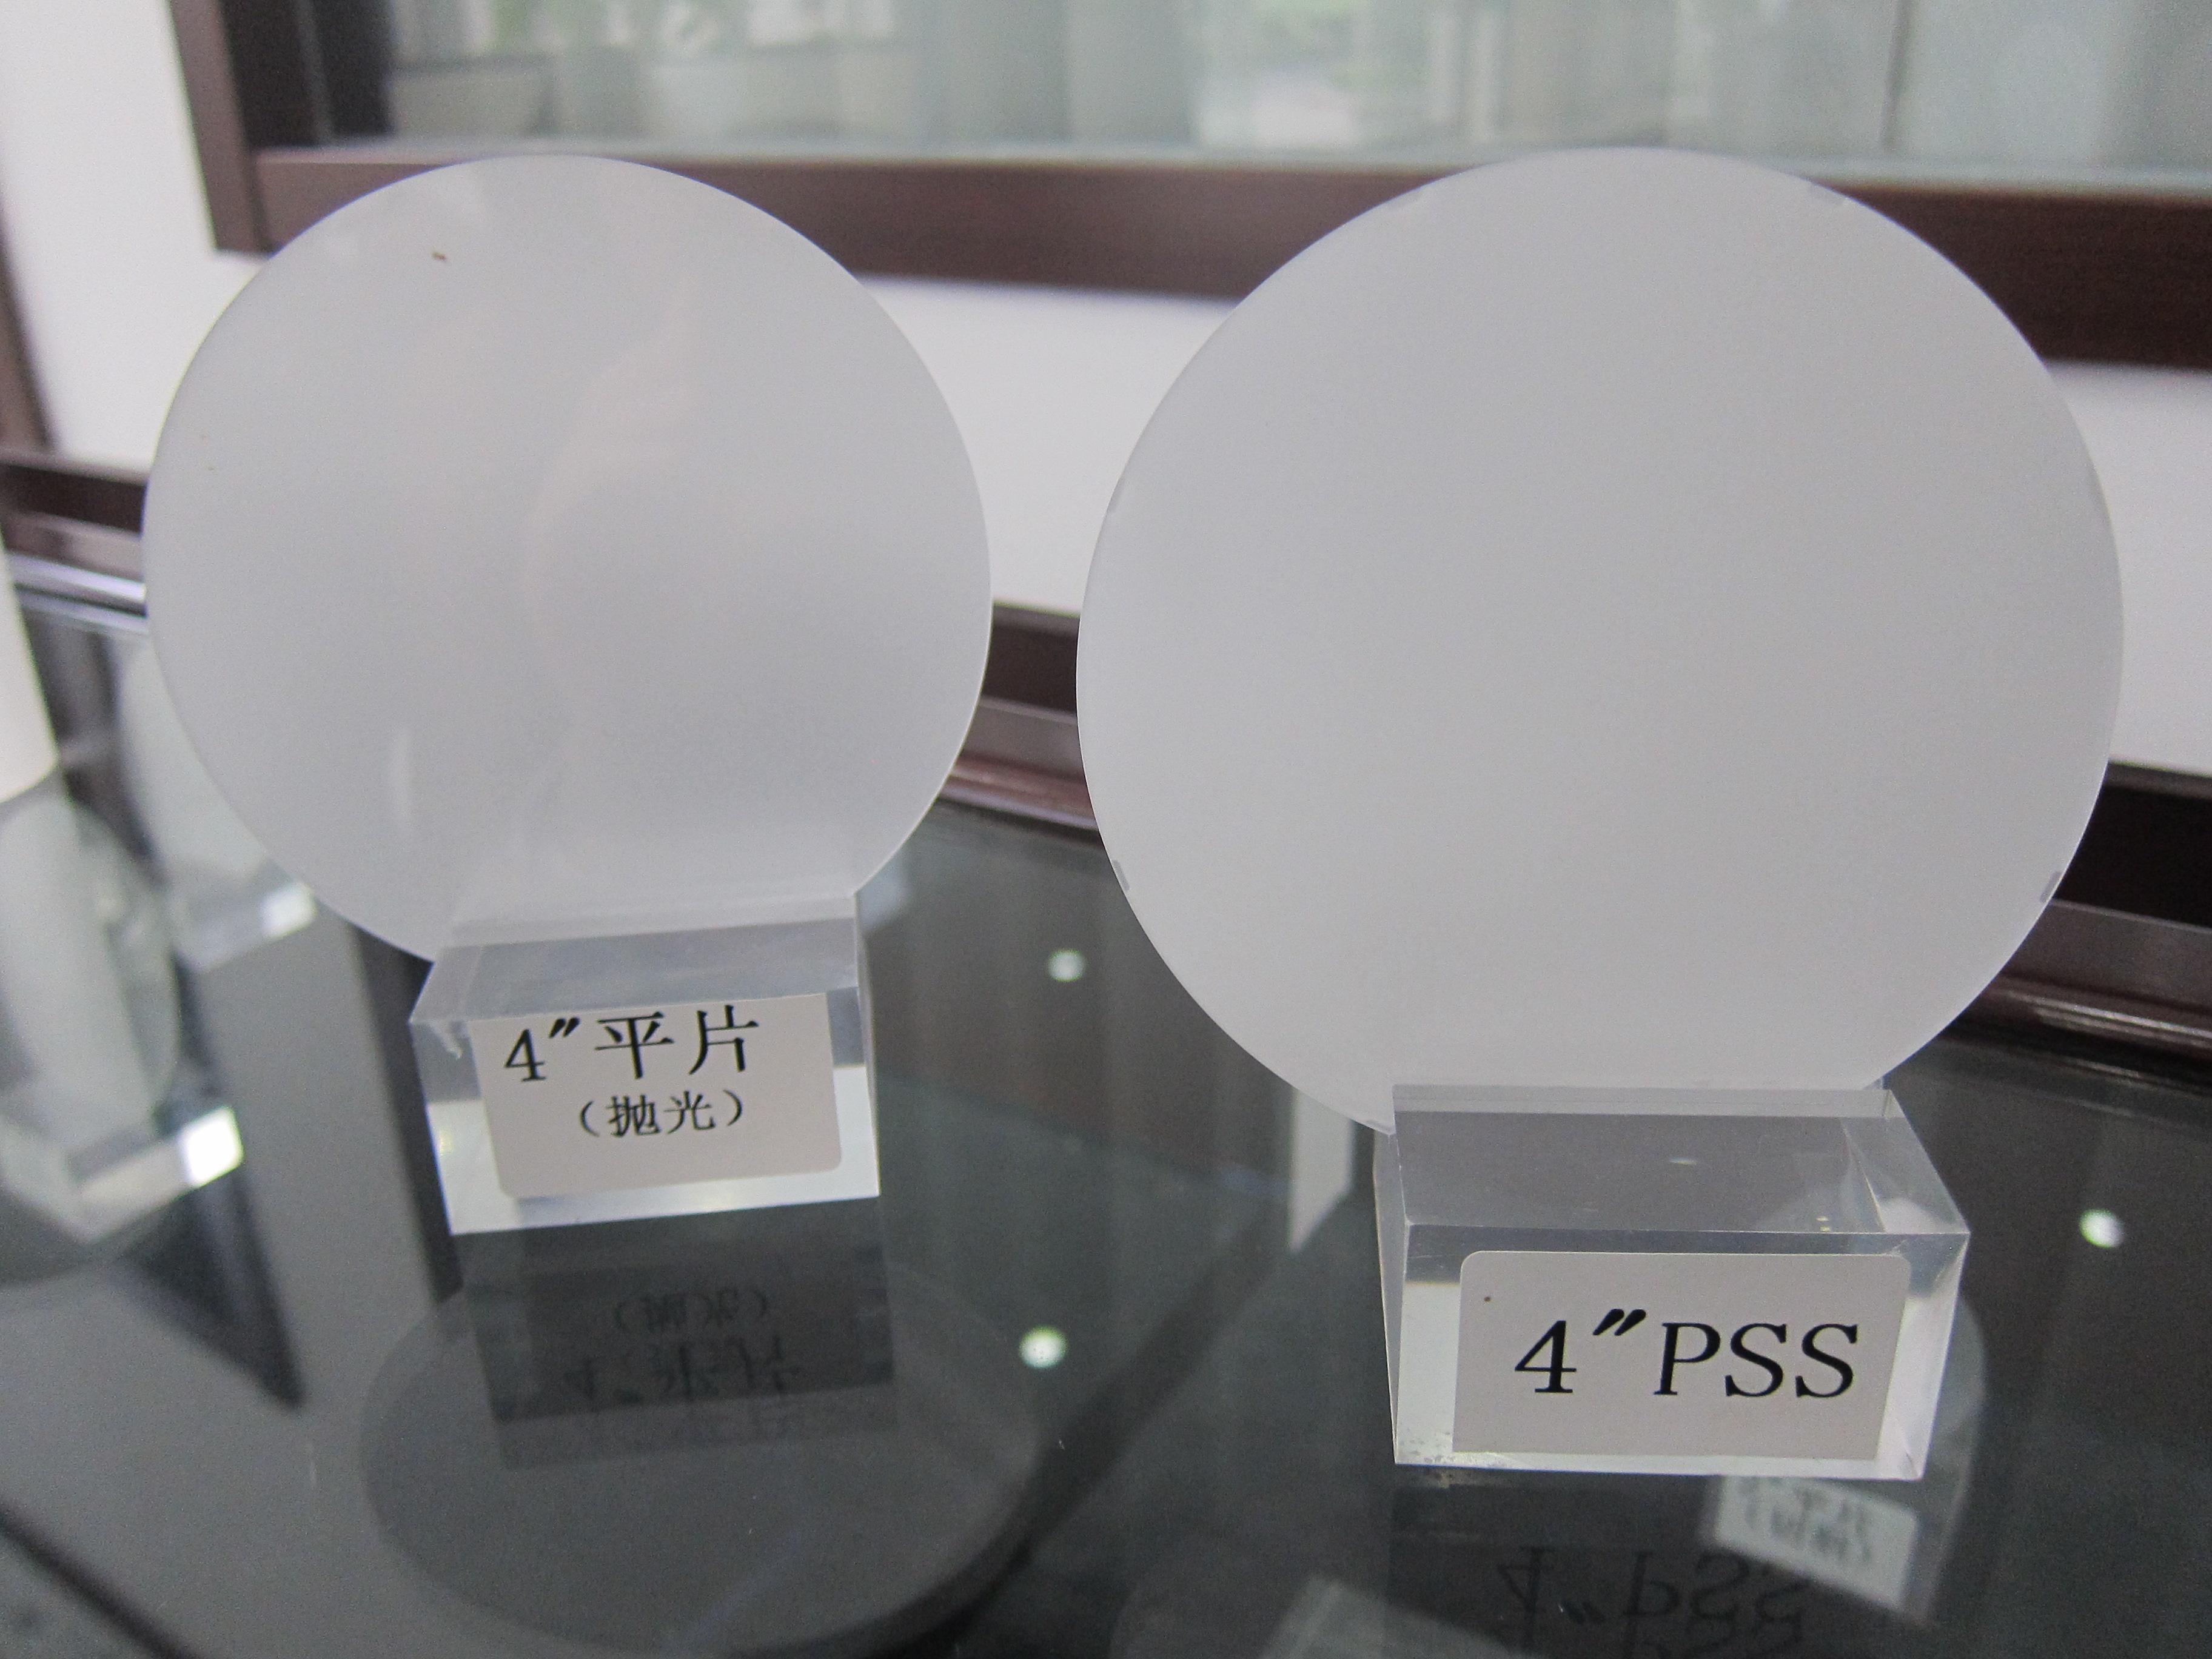 背光、雷射新應用,市場期待同欣電基板新動能